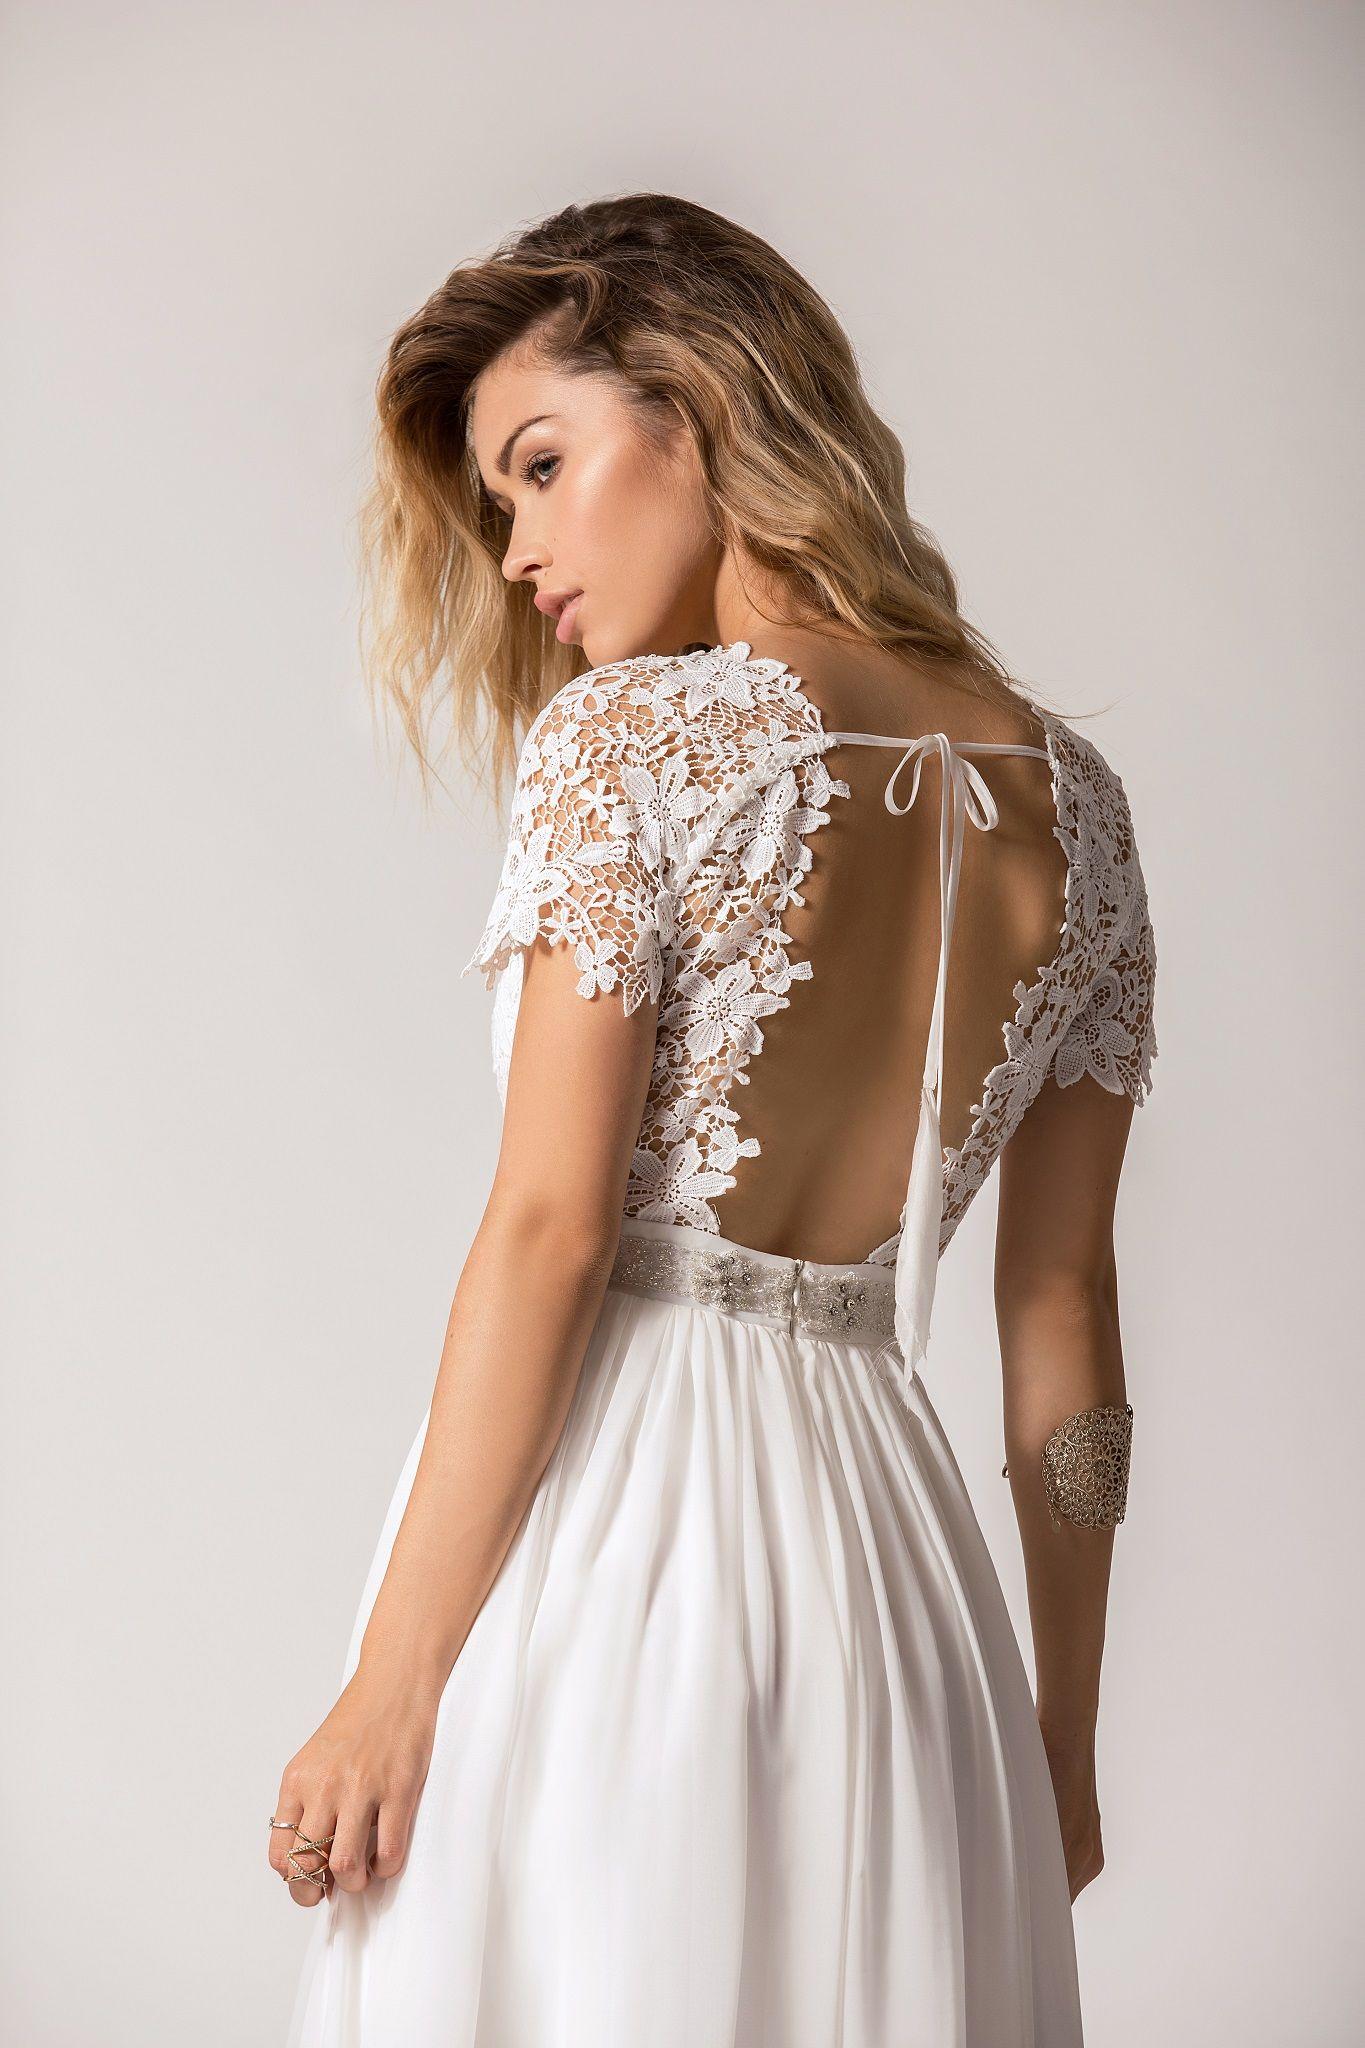 3c8c8839df Suknia ślubna z kopertowym dekoltem wykonany z koronki. Pasek się  delikatnie mieni co dodaje dodatkowego uroku. Sukienka posiada bardzo  ciekawe wycięcie na ...